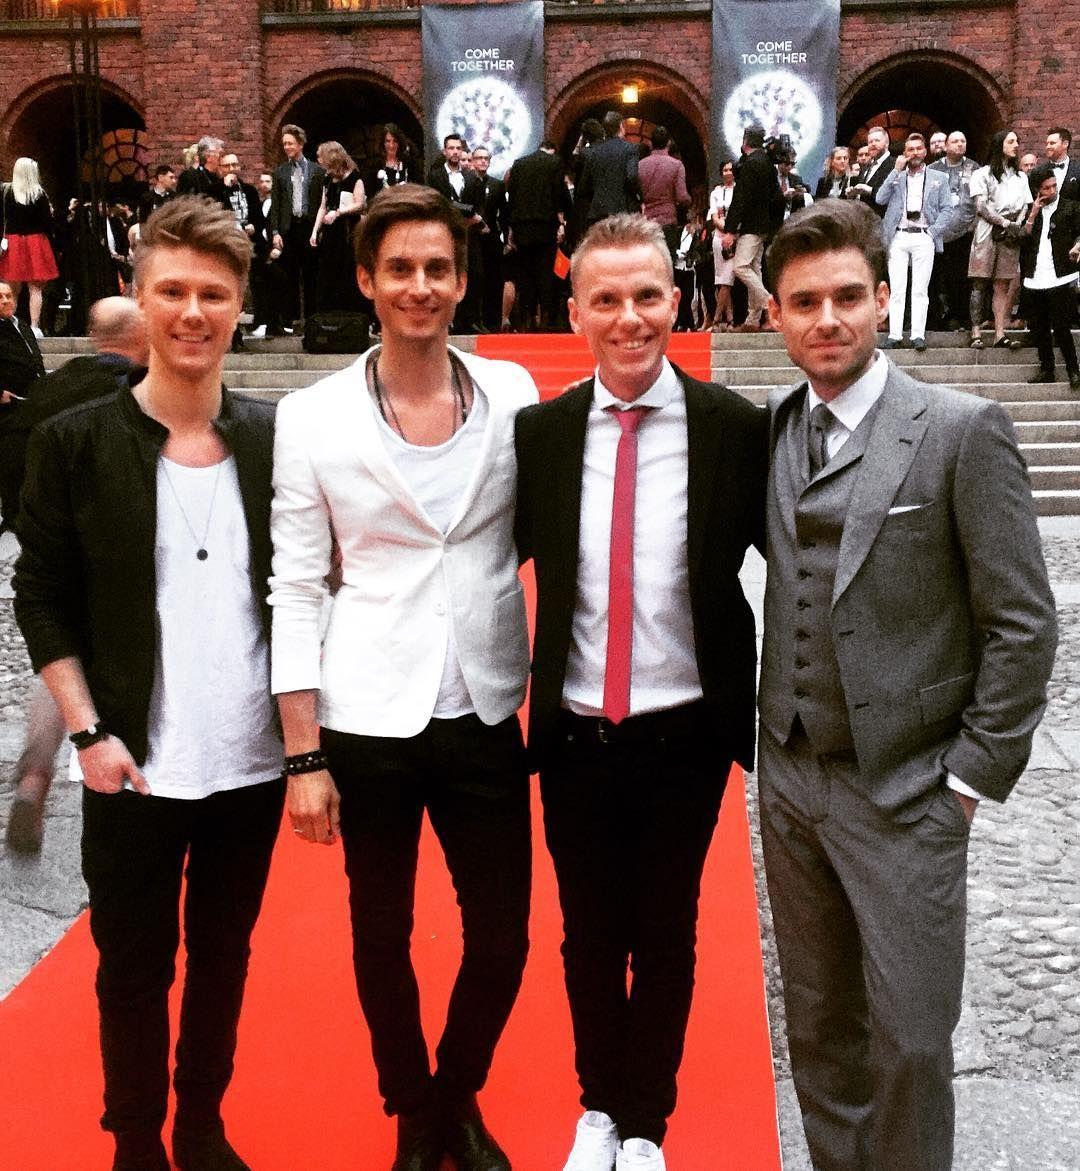 Endnu en festlig aften og nat i Stockholm er begyndt. Her er hele det danske hold på vej til reception på byens rådhus. #denmark12points #soldiersoflove #lighthouseX #eurovision #drgrandprix by oletopholm